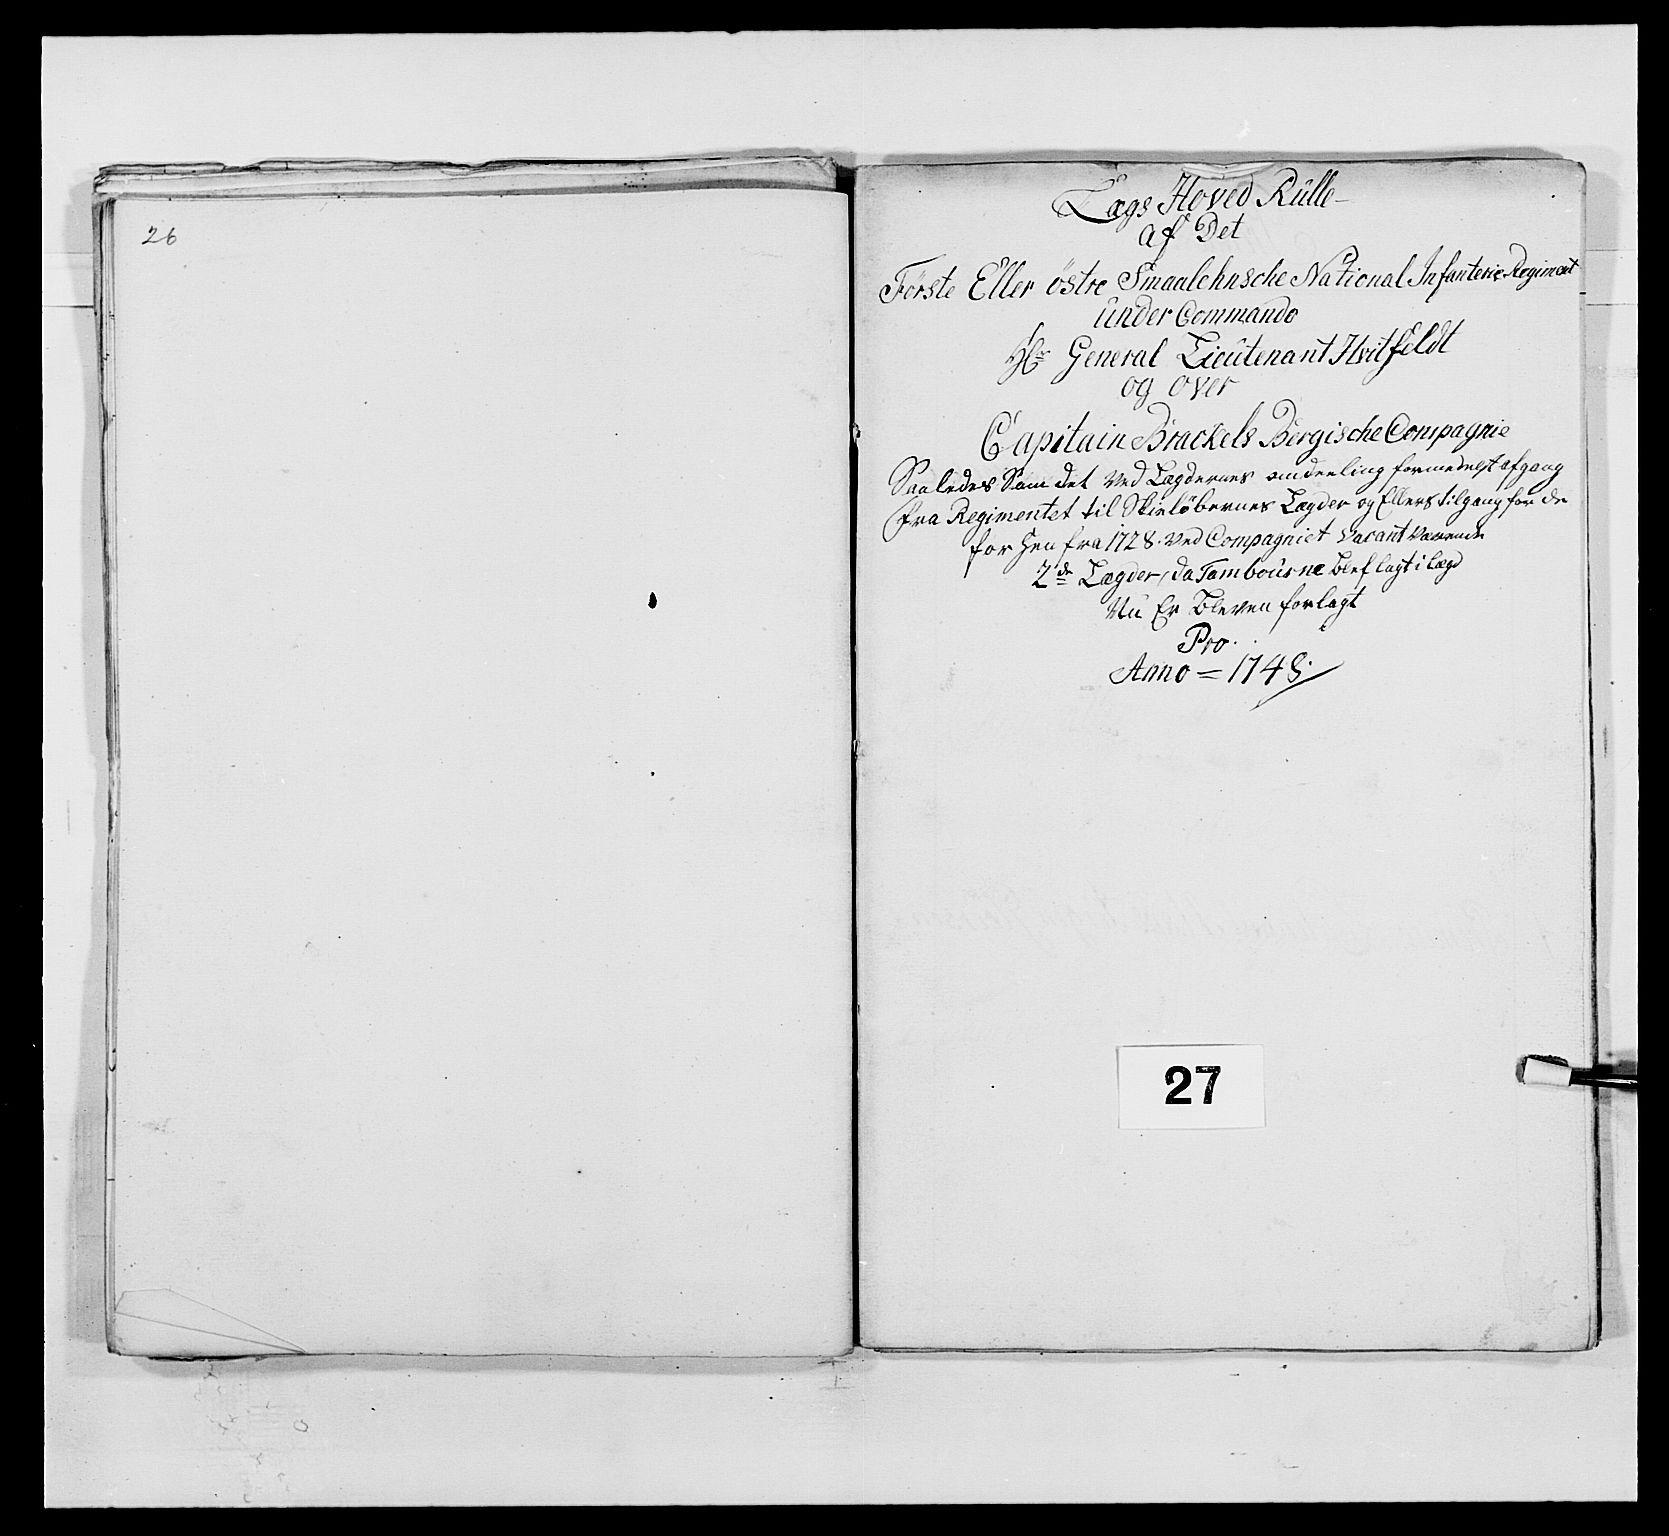 RA, Kommanderende general (KG I) med Det norske krigsdirektorium, E/Ea/L0495: 1. Smålenske regiment, 1732-1763, s. 407